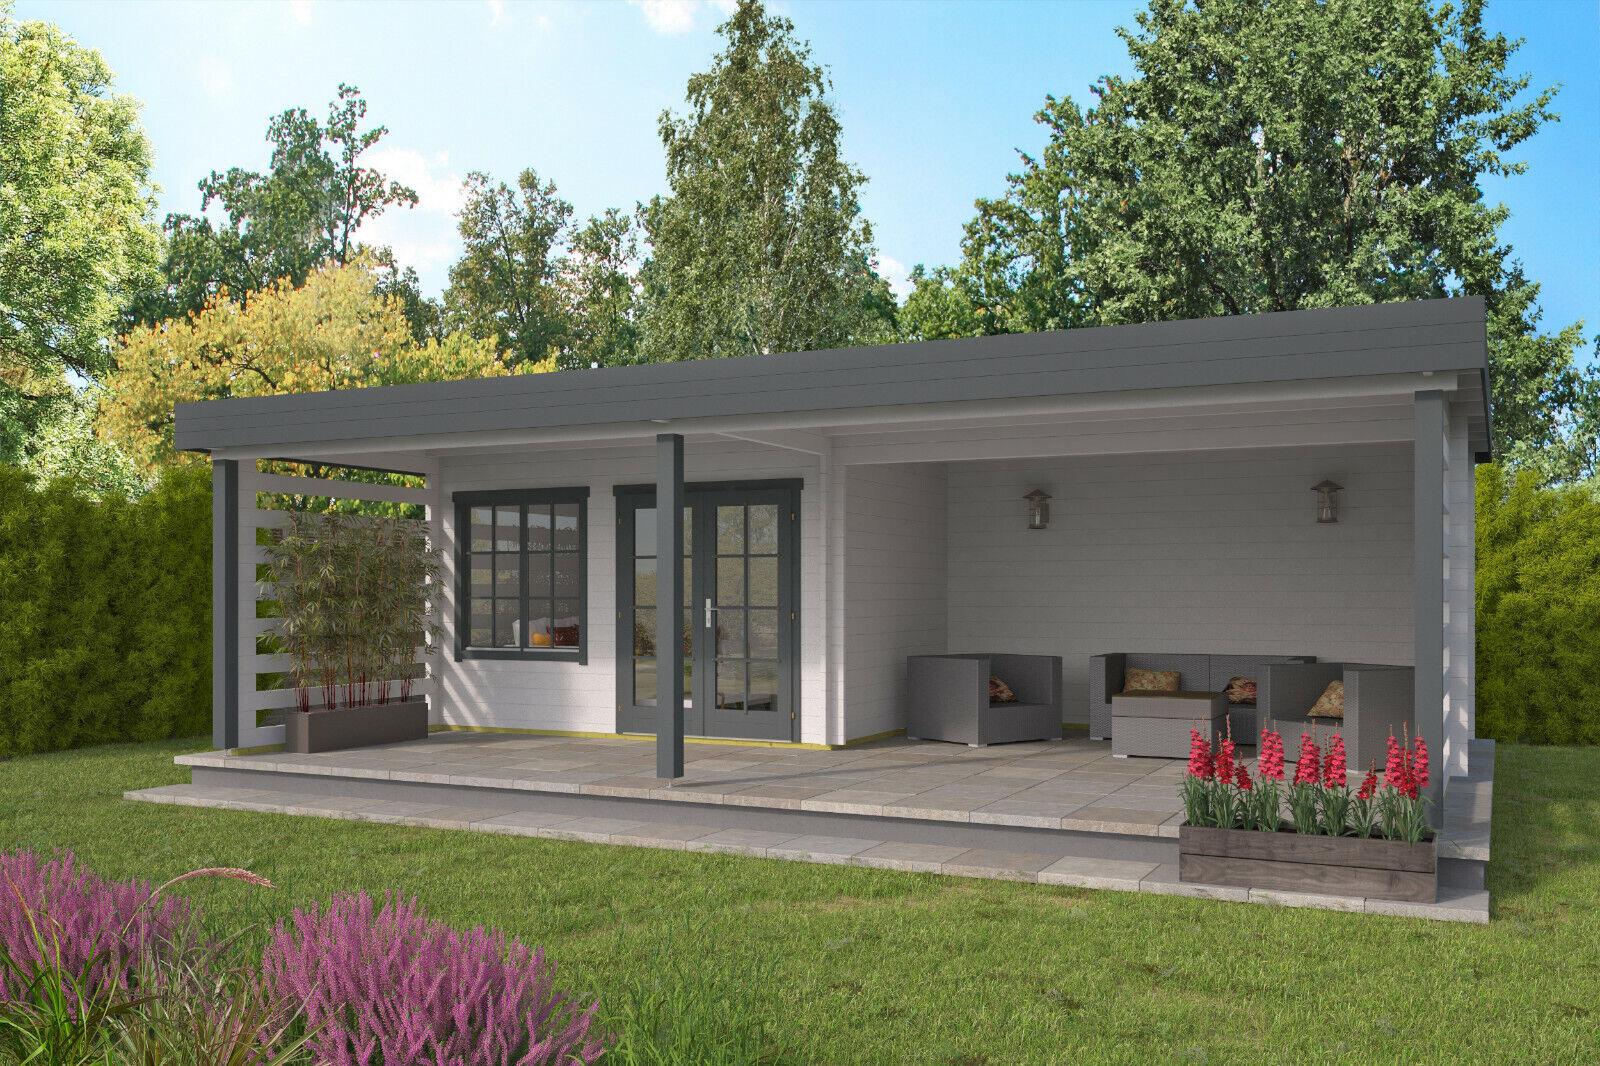 40mm Gartenhaus ISO-Glas 820x490cm Pavillon Holz Überdachung Holzhaus Schuppen